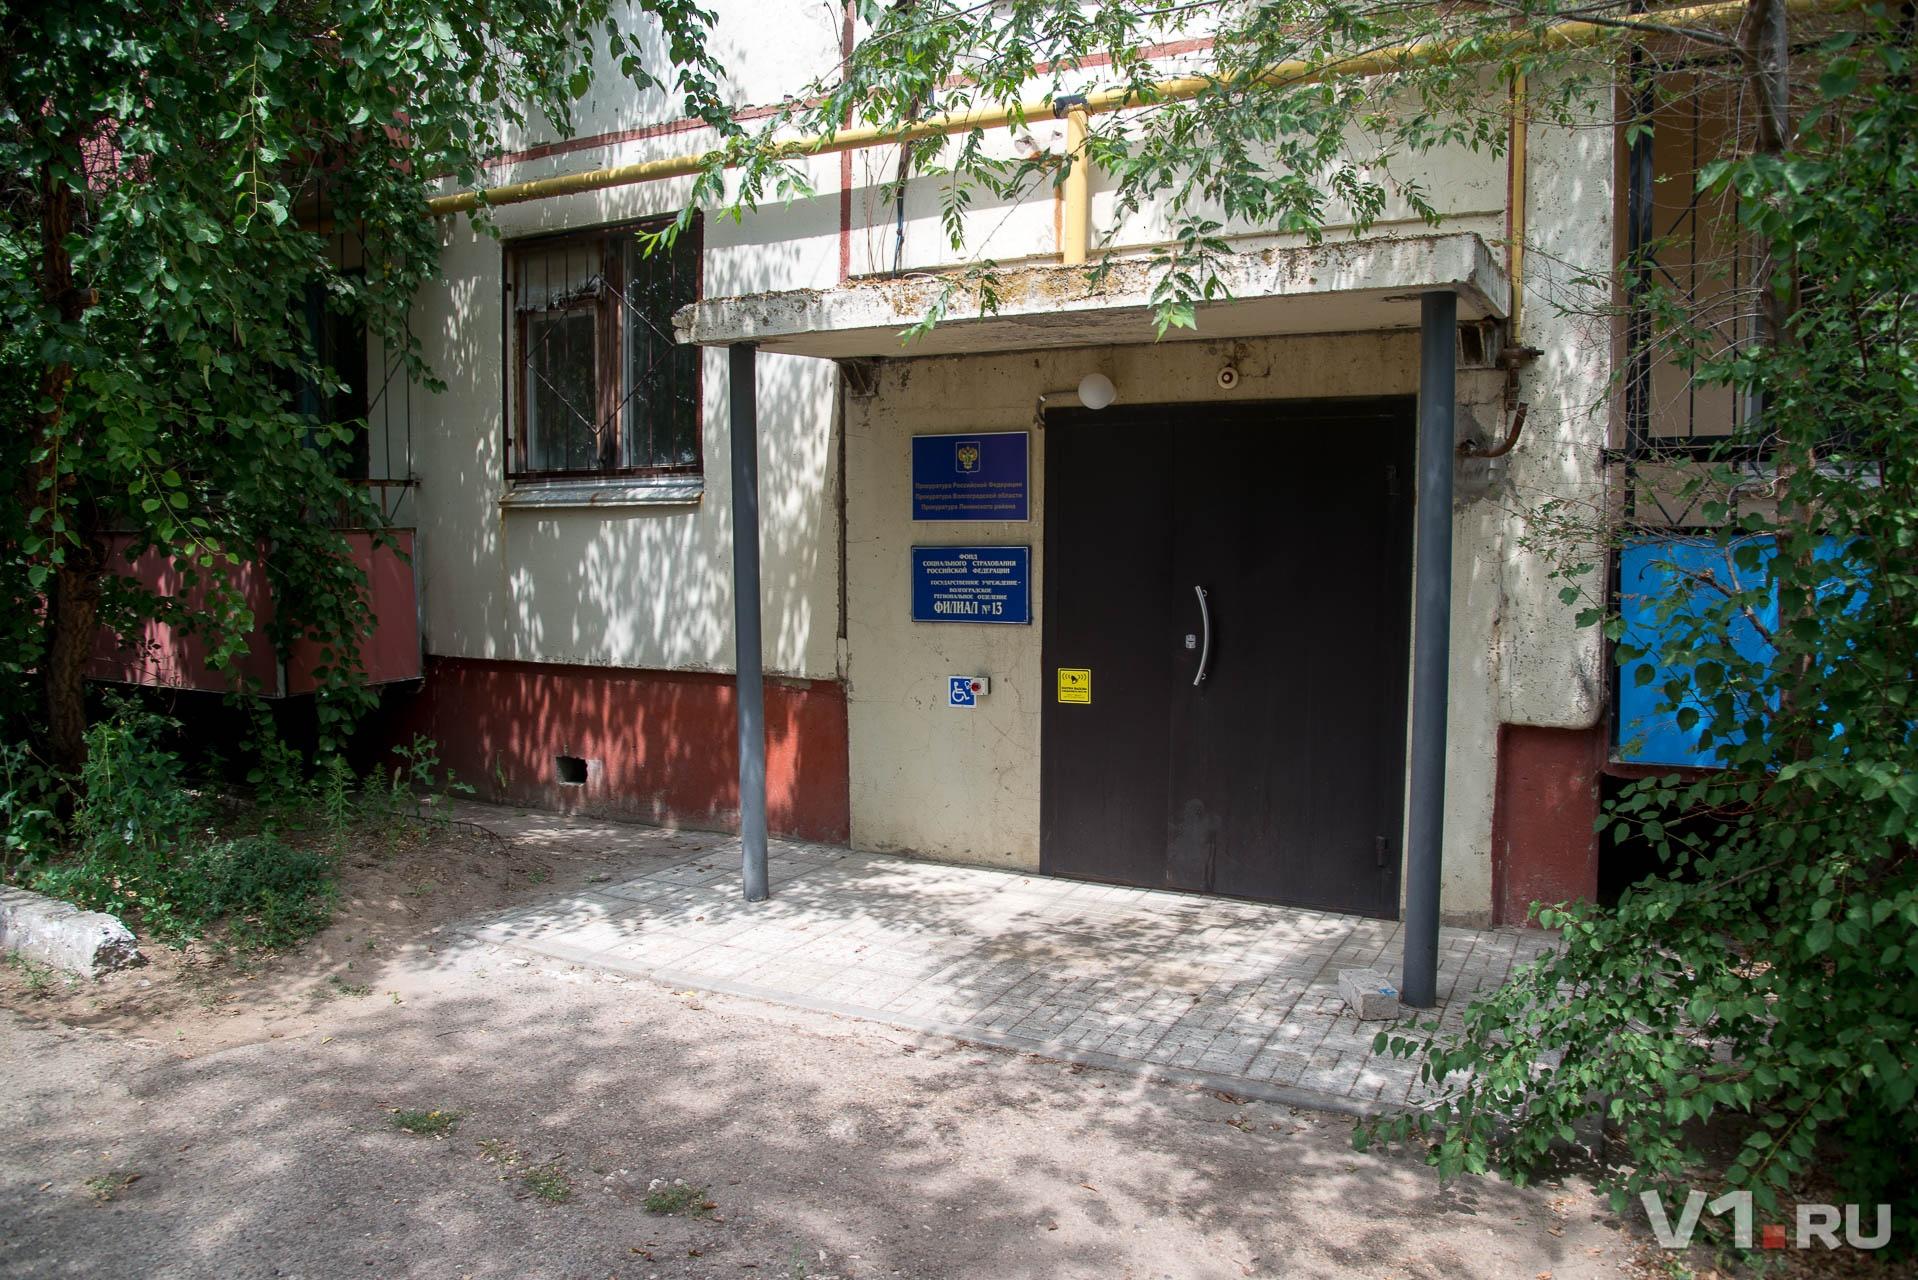 Главврач обратился в Ленинскую прокуратуру проверить диплом педиатра на подлинность